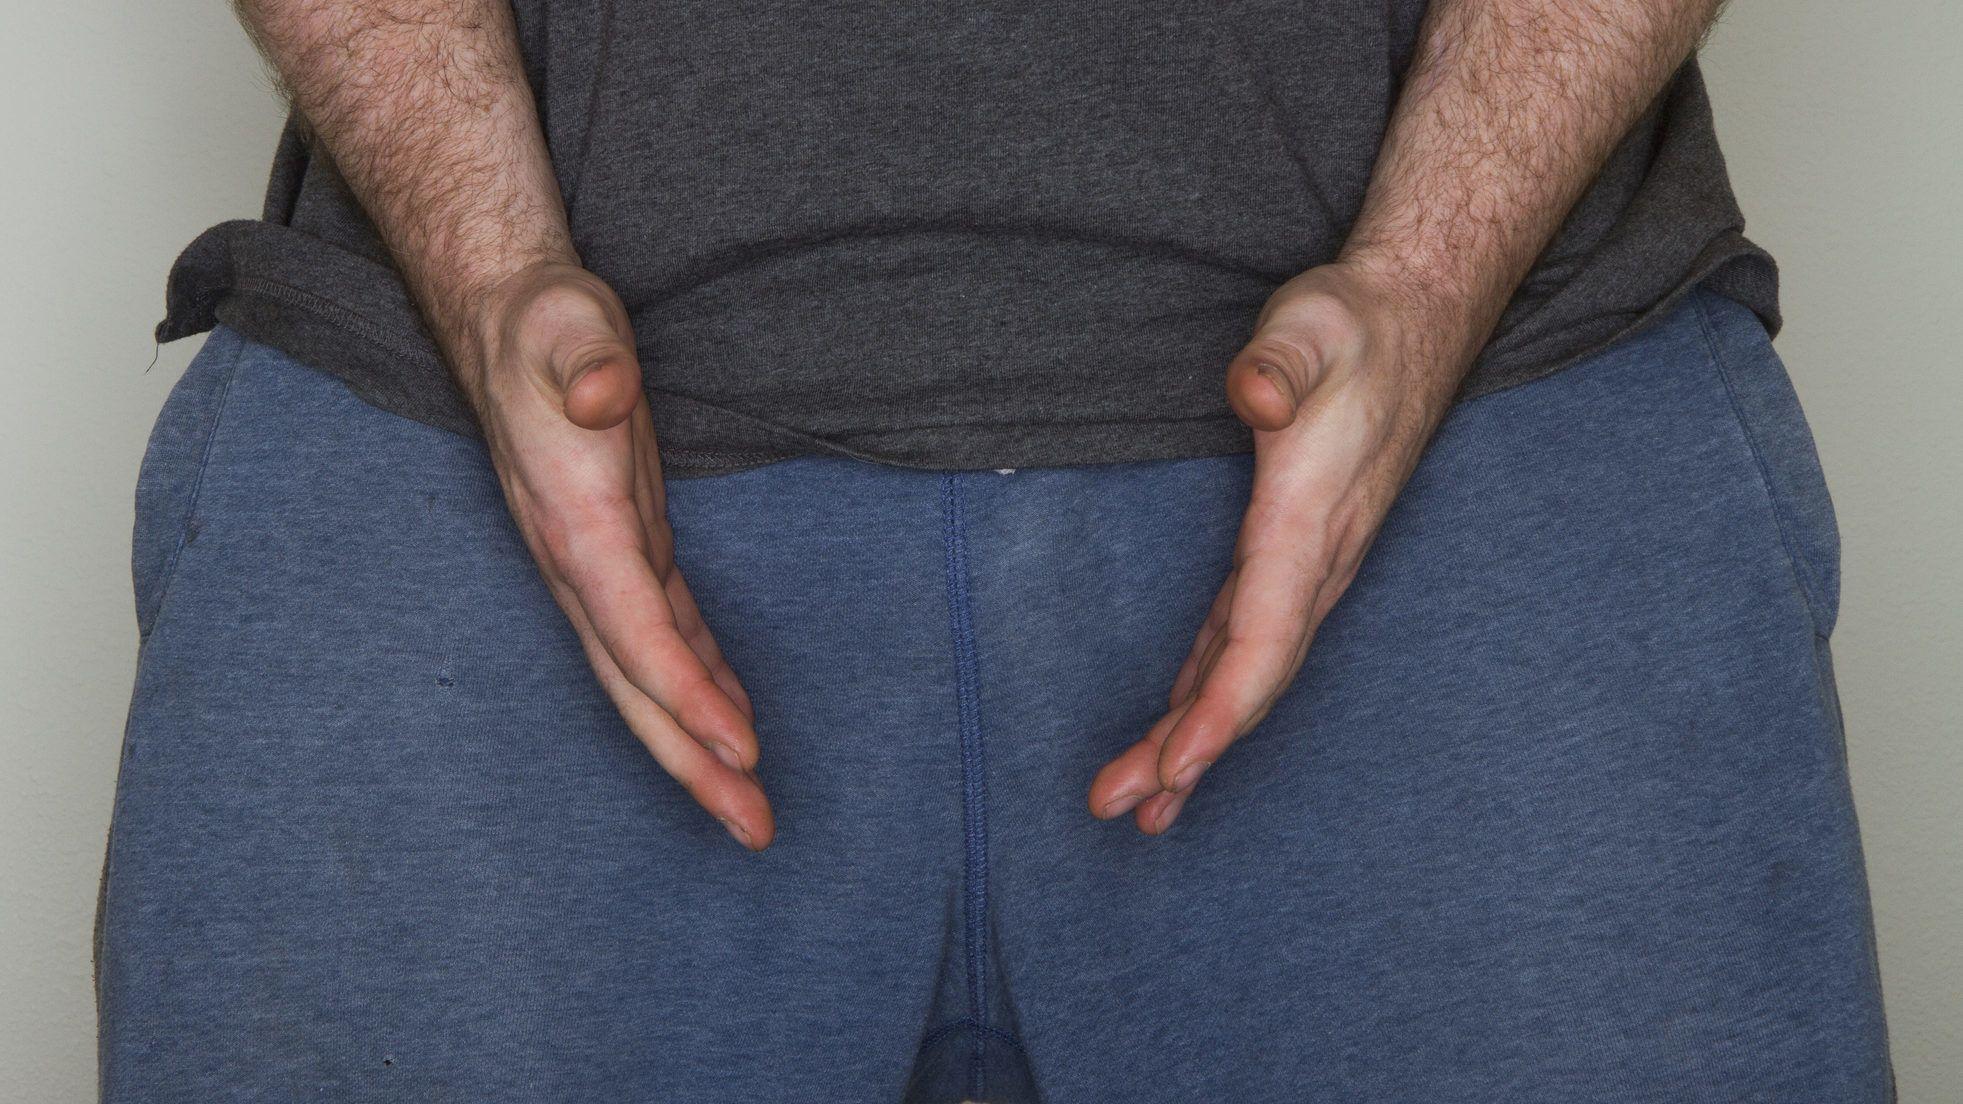 Nagy hímtagmustra: Valójában 12 különböző típusú férfiasság létezik